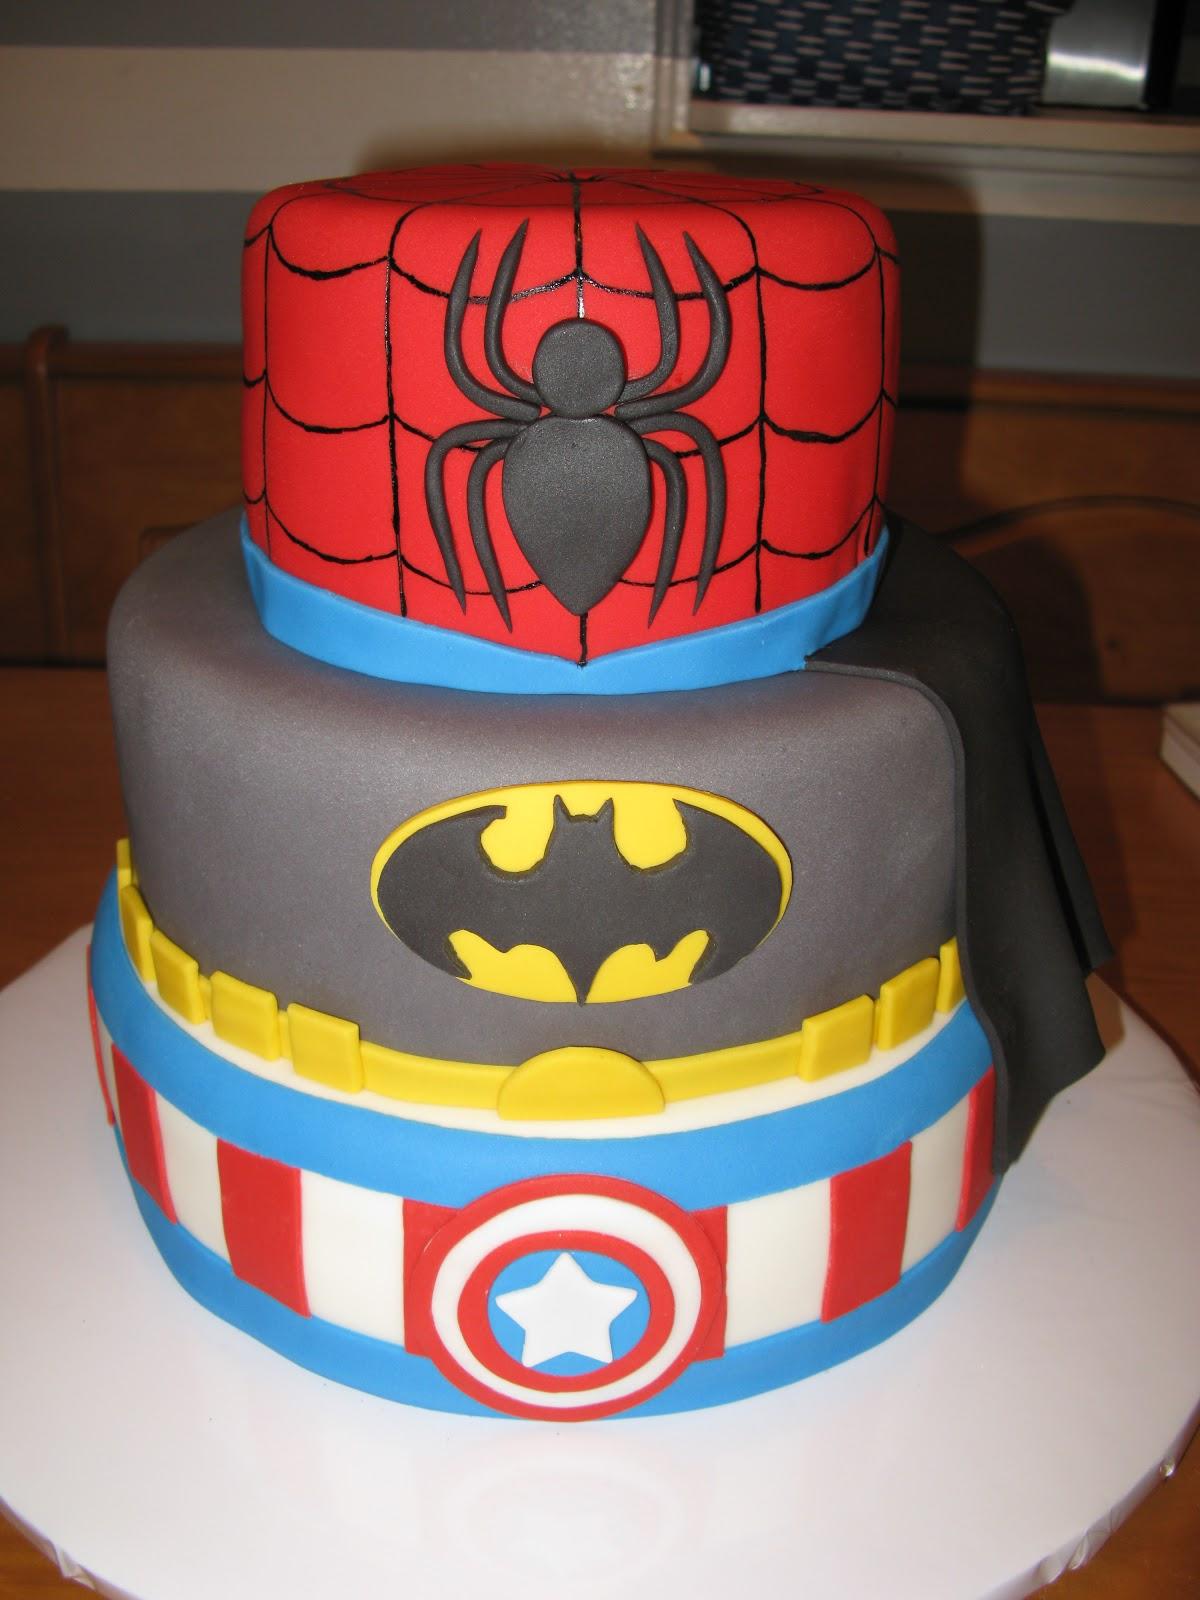 Cakes by Kristen H.: Superhero Cake!  |Superhero Cakes